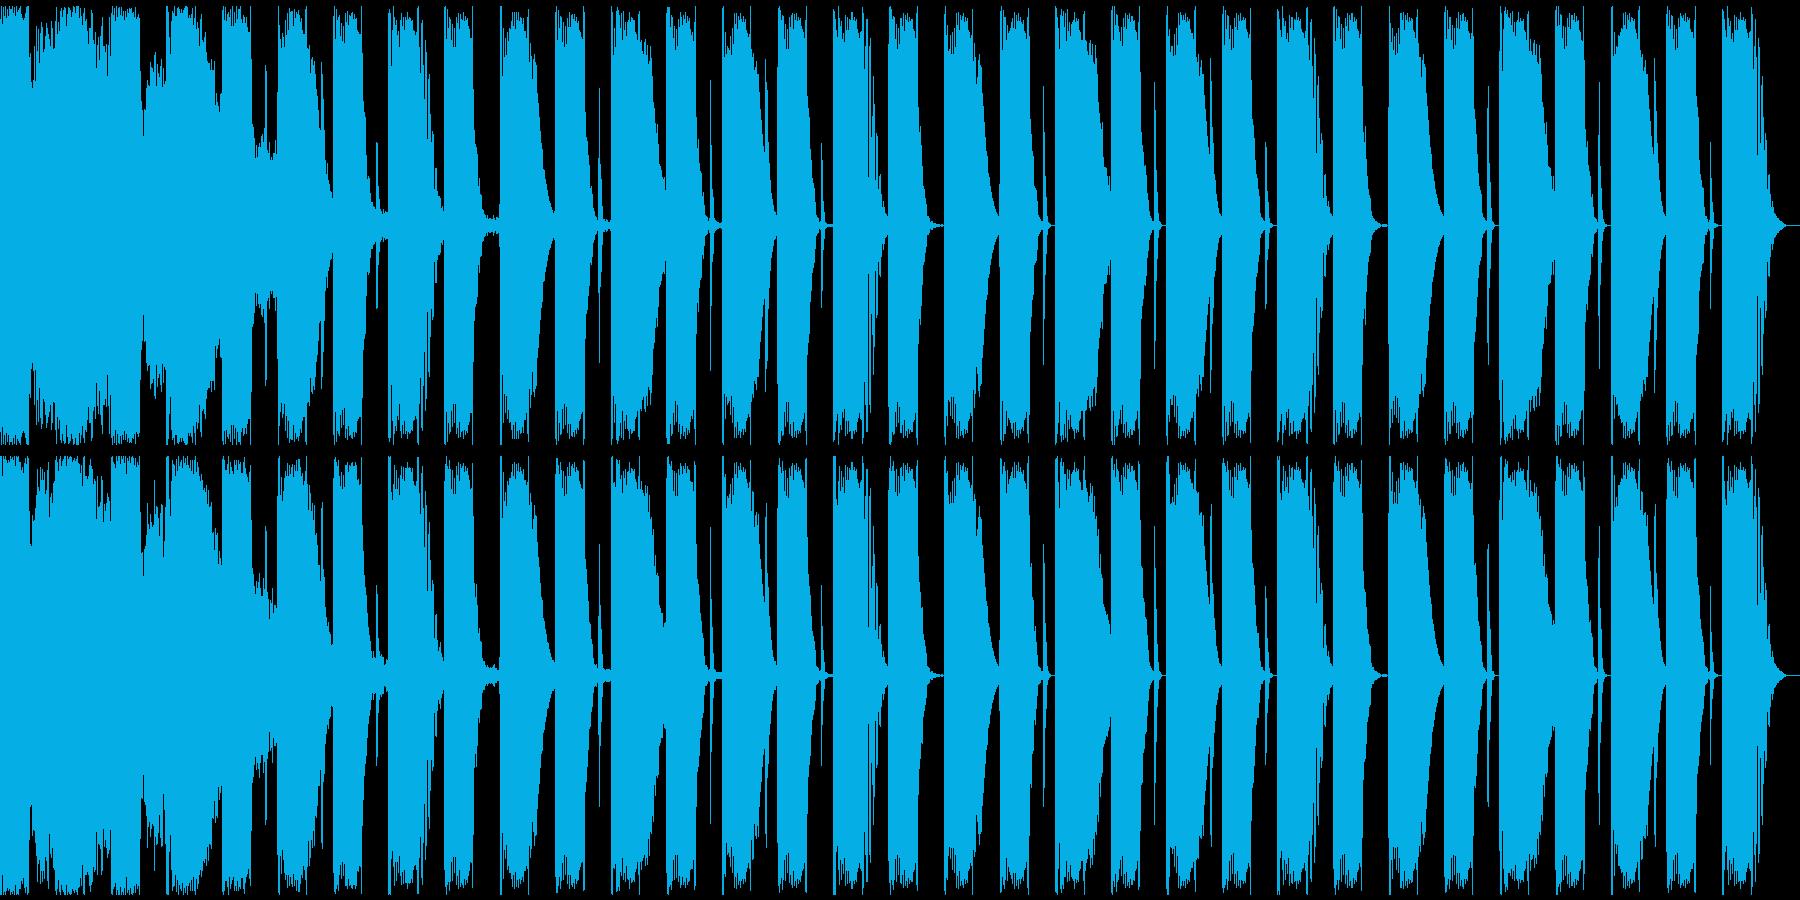 【エレクトロニカ】ロング2、ジングル1の再生済みの波形